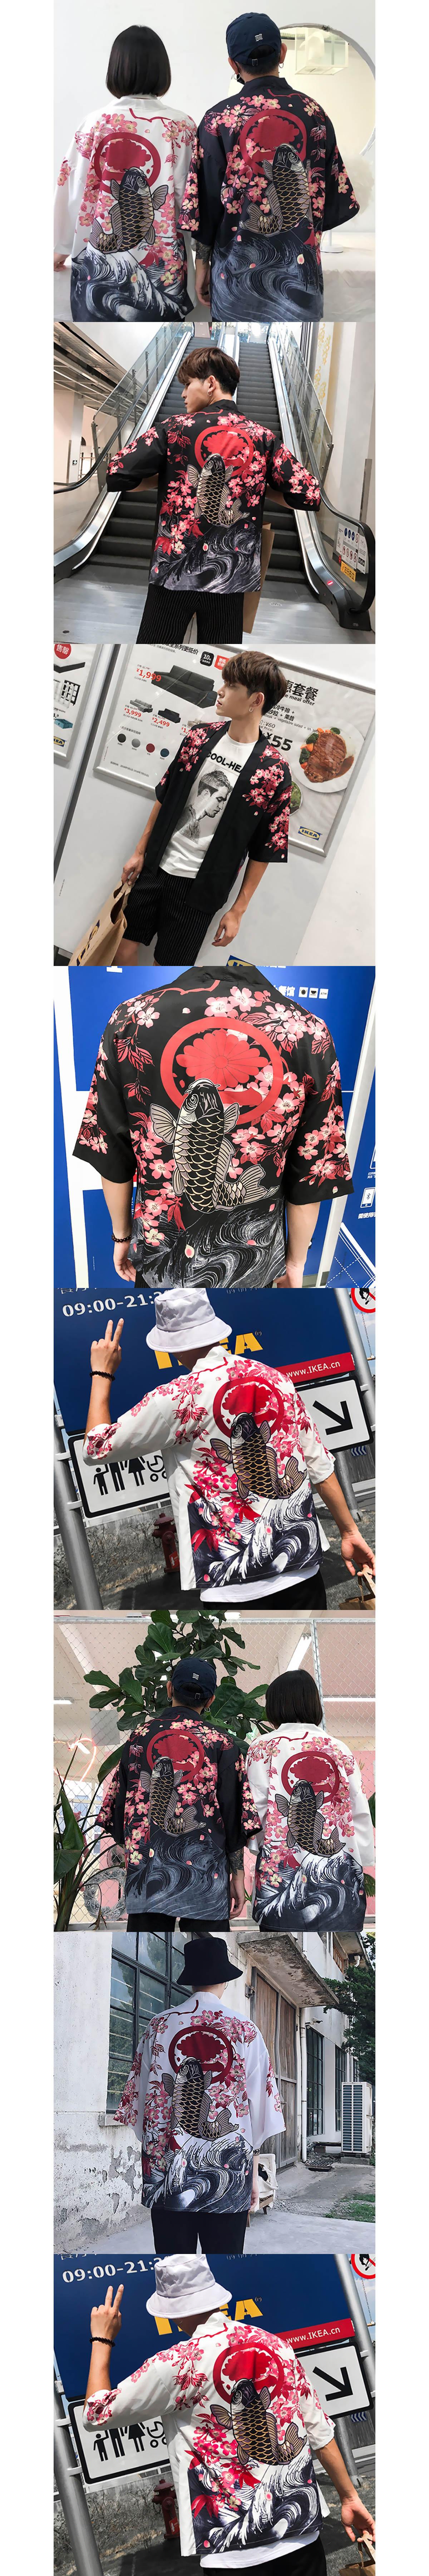 【季末出清】濃濃東洋風單品.櫻花錦鯉罩衫